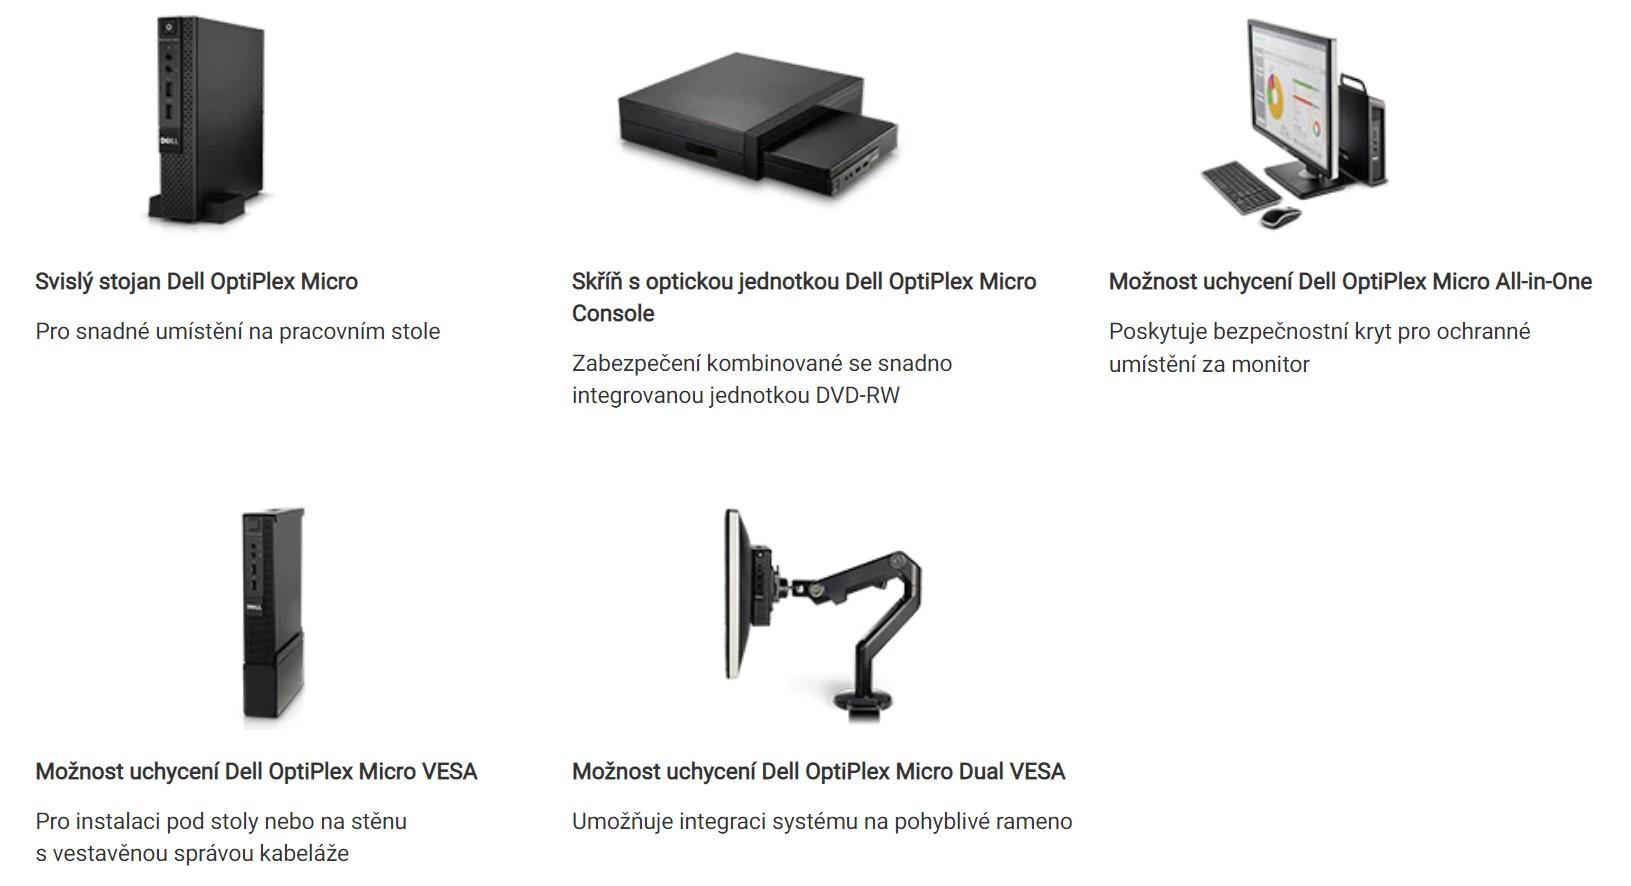 Dell Optiplex 3020 Micro